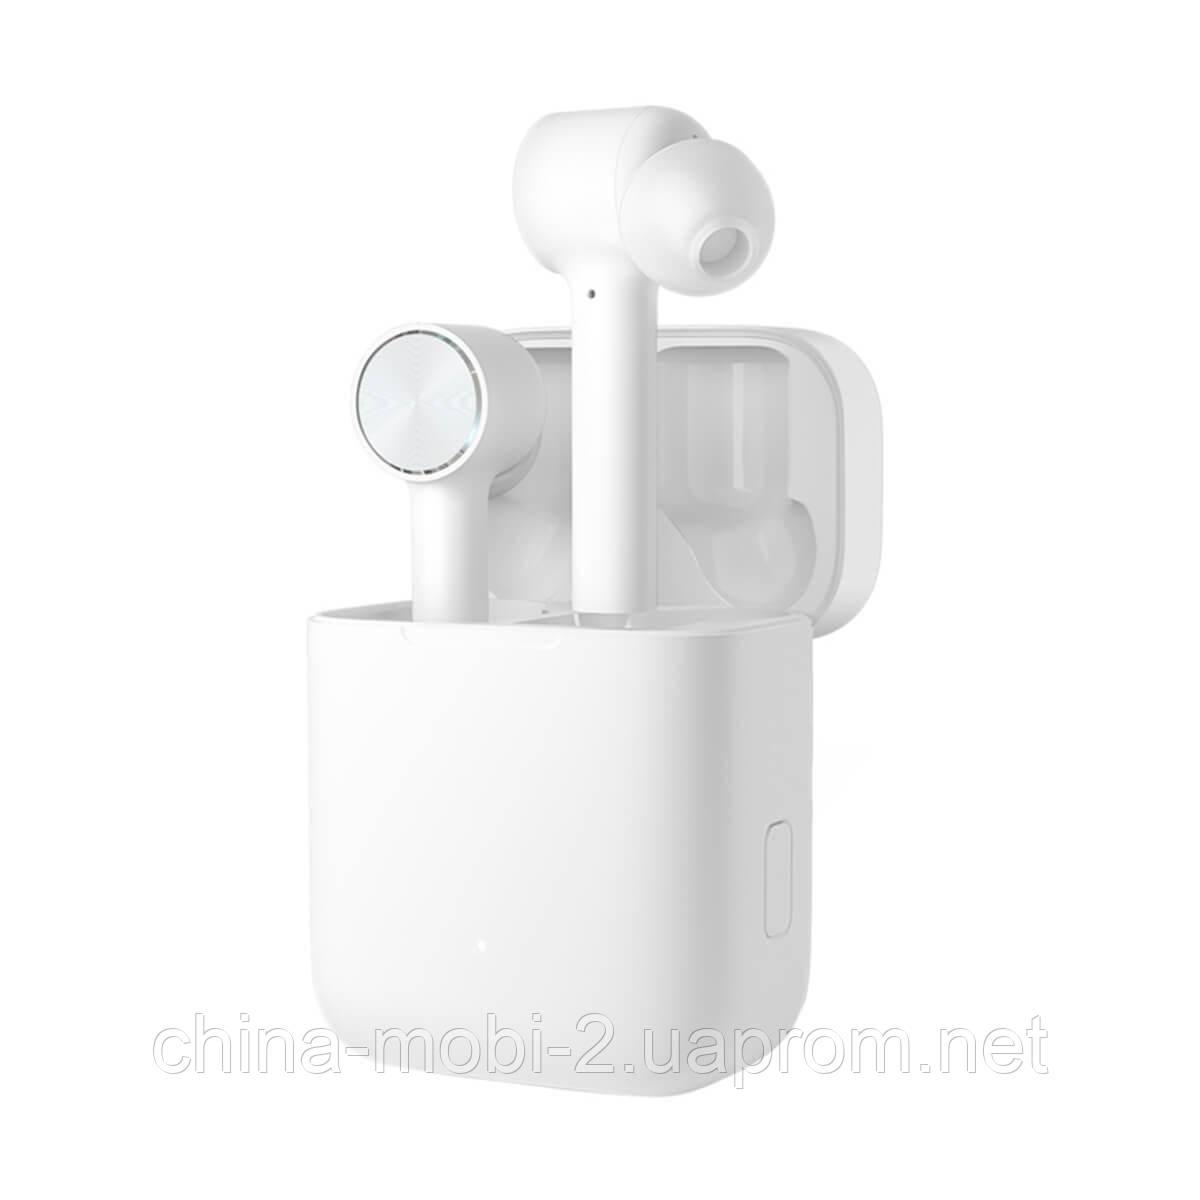 Наушники Xiaomi Mi AirDots Pro TWS White